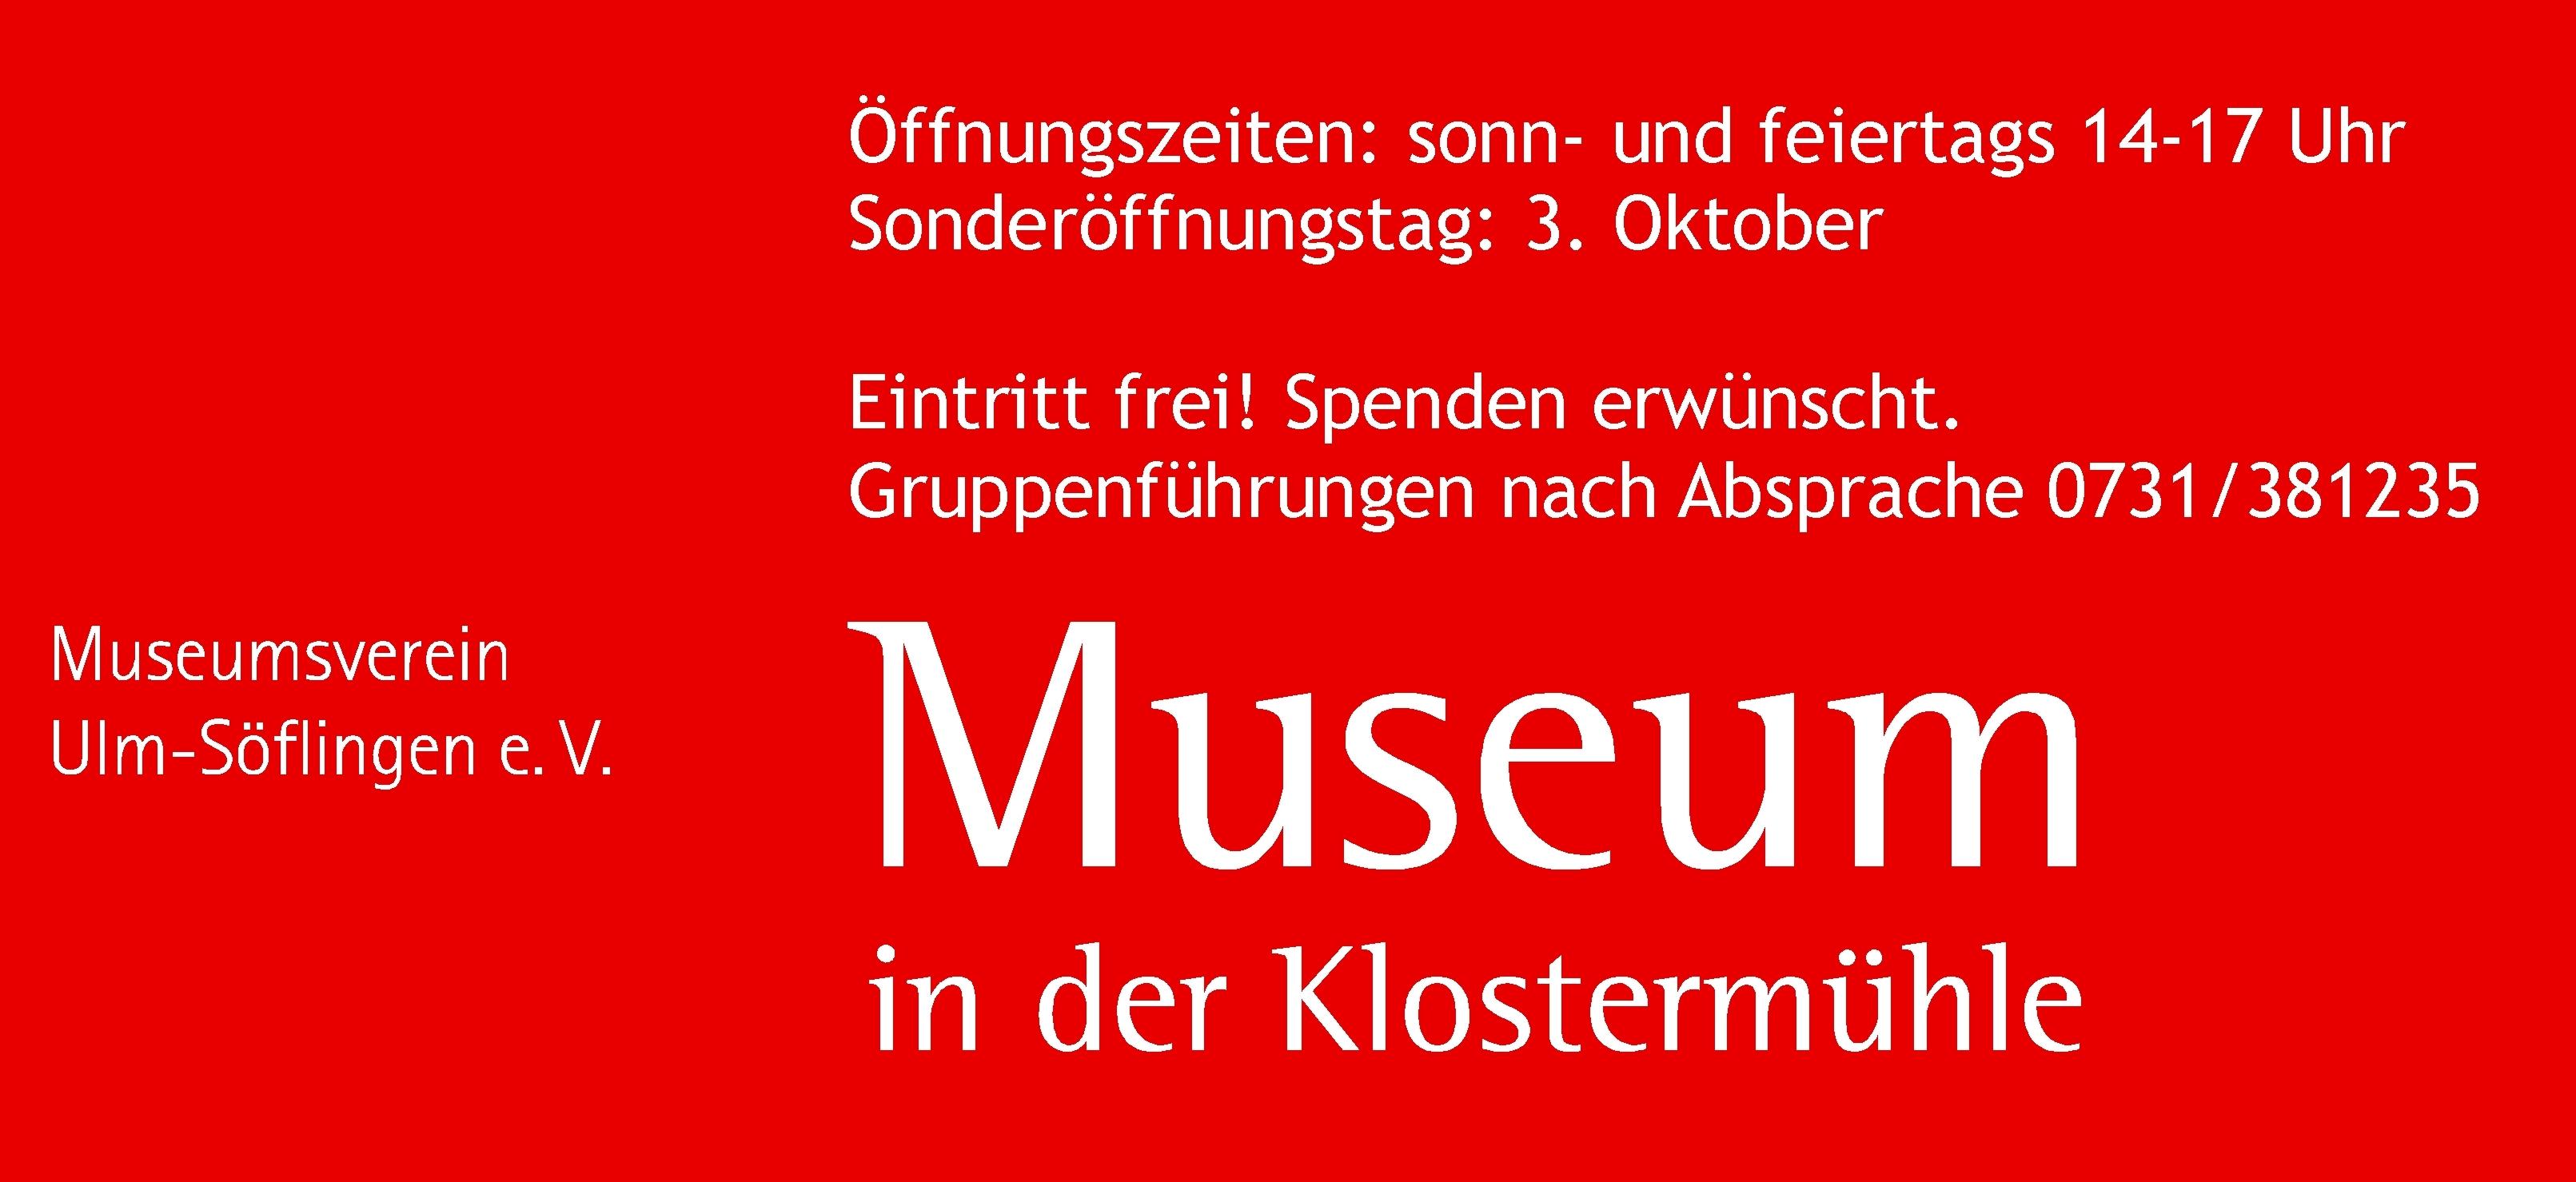 Museum in der Klostermuehle - Oktoberfest - 3